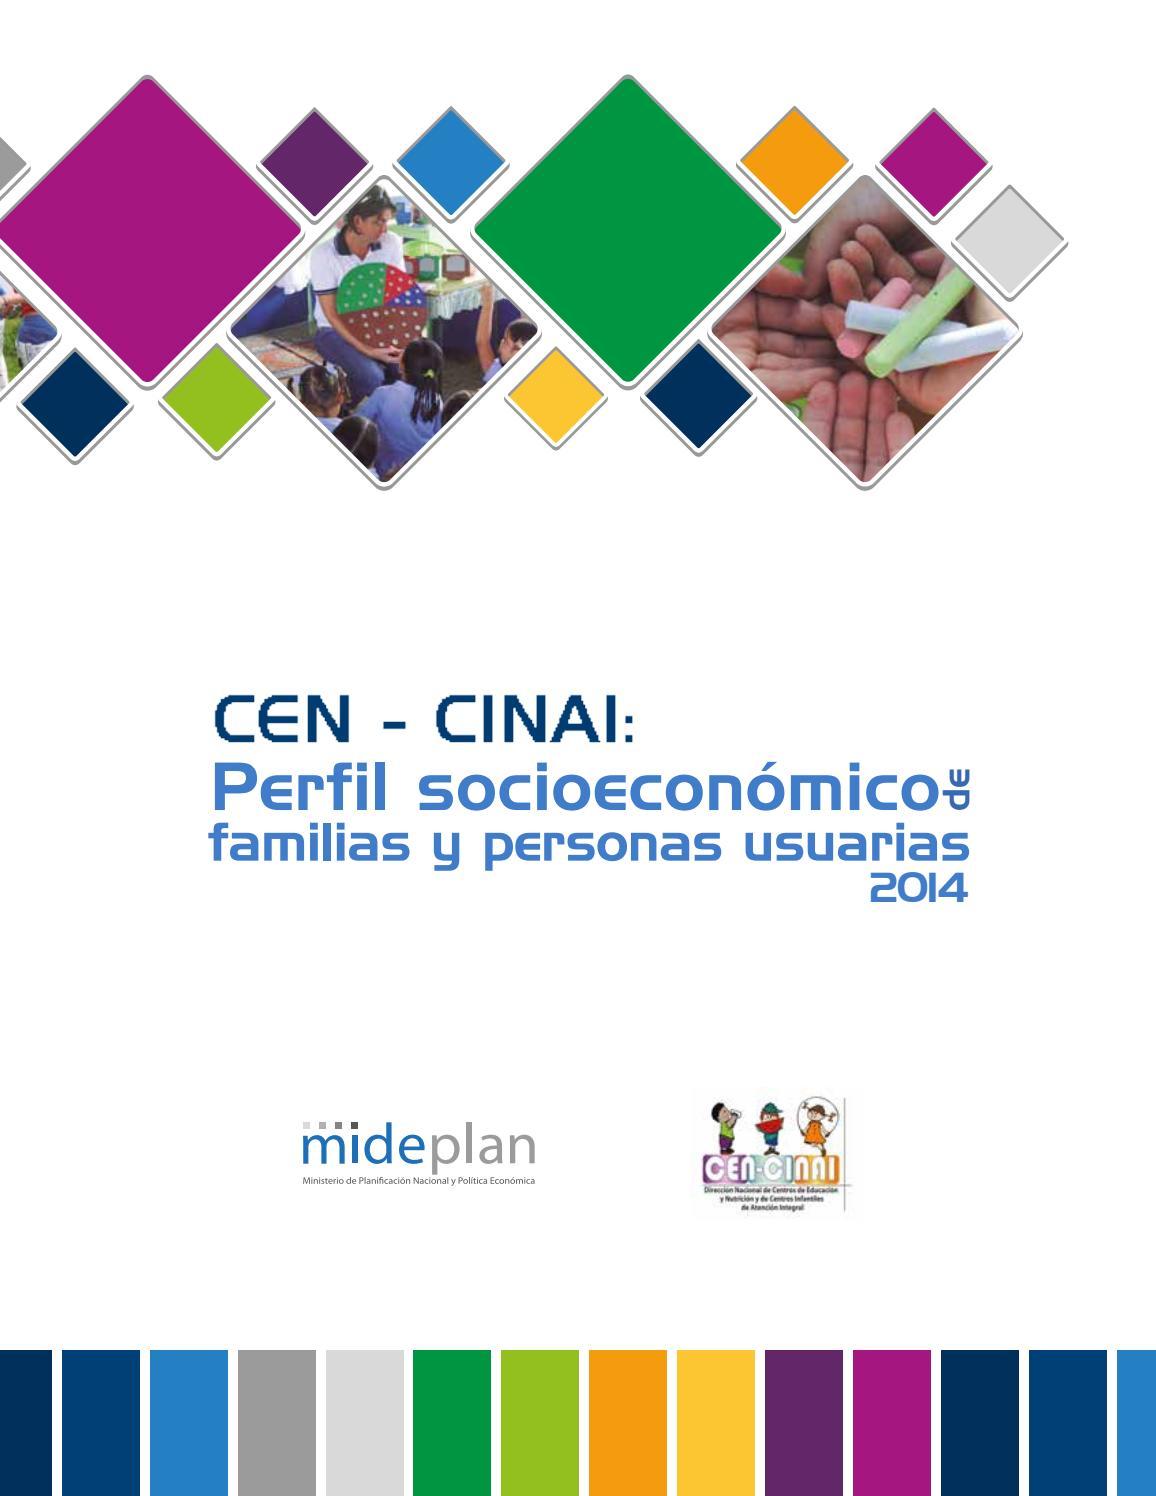 CEN-CINAI: Perfil socioeconómico de familias y personas usuarias ...